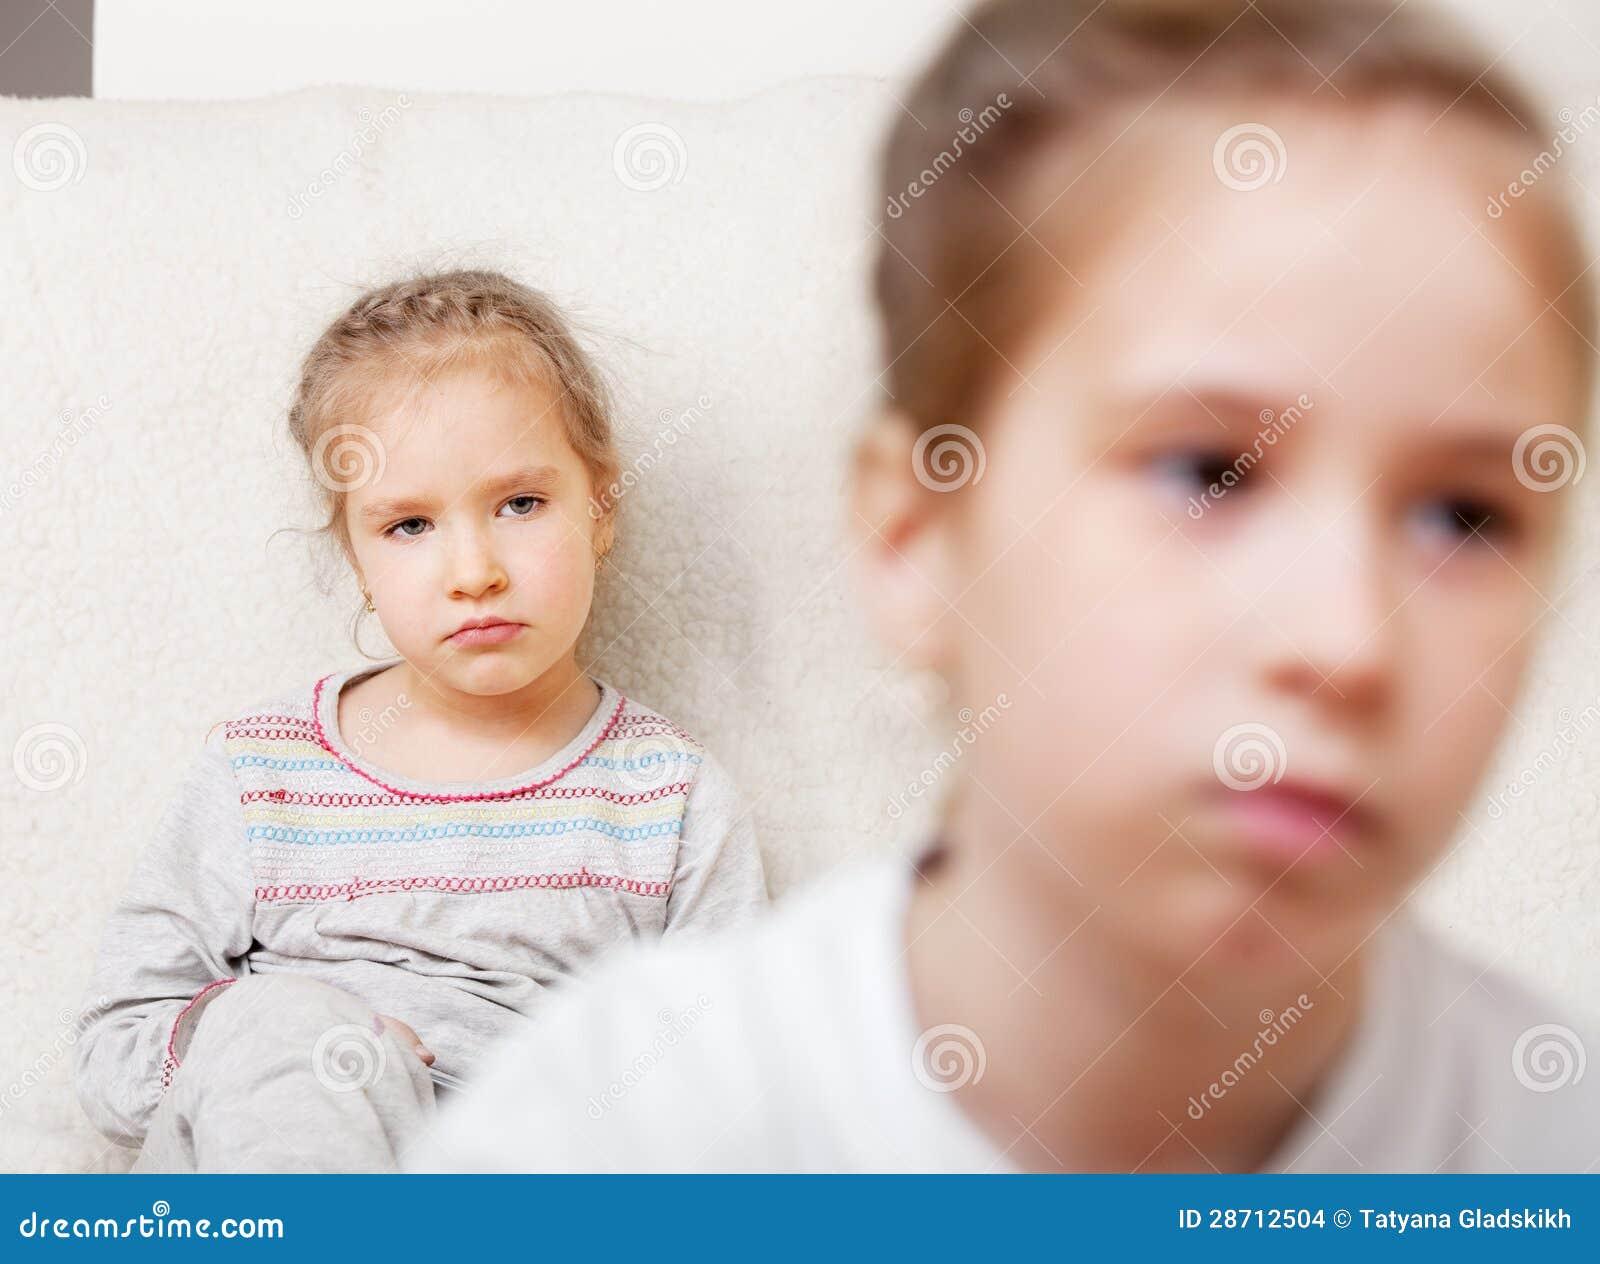 Conflict Between Children Stock Images - Image: 28712504